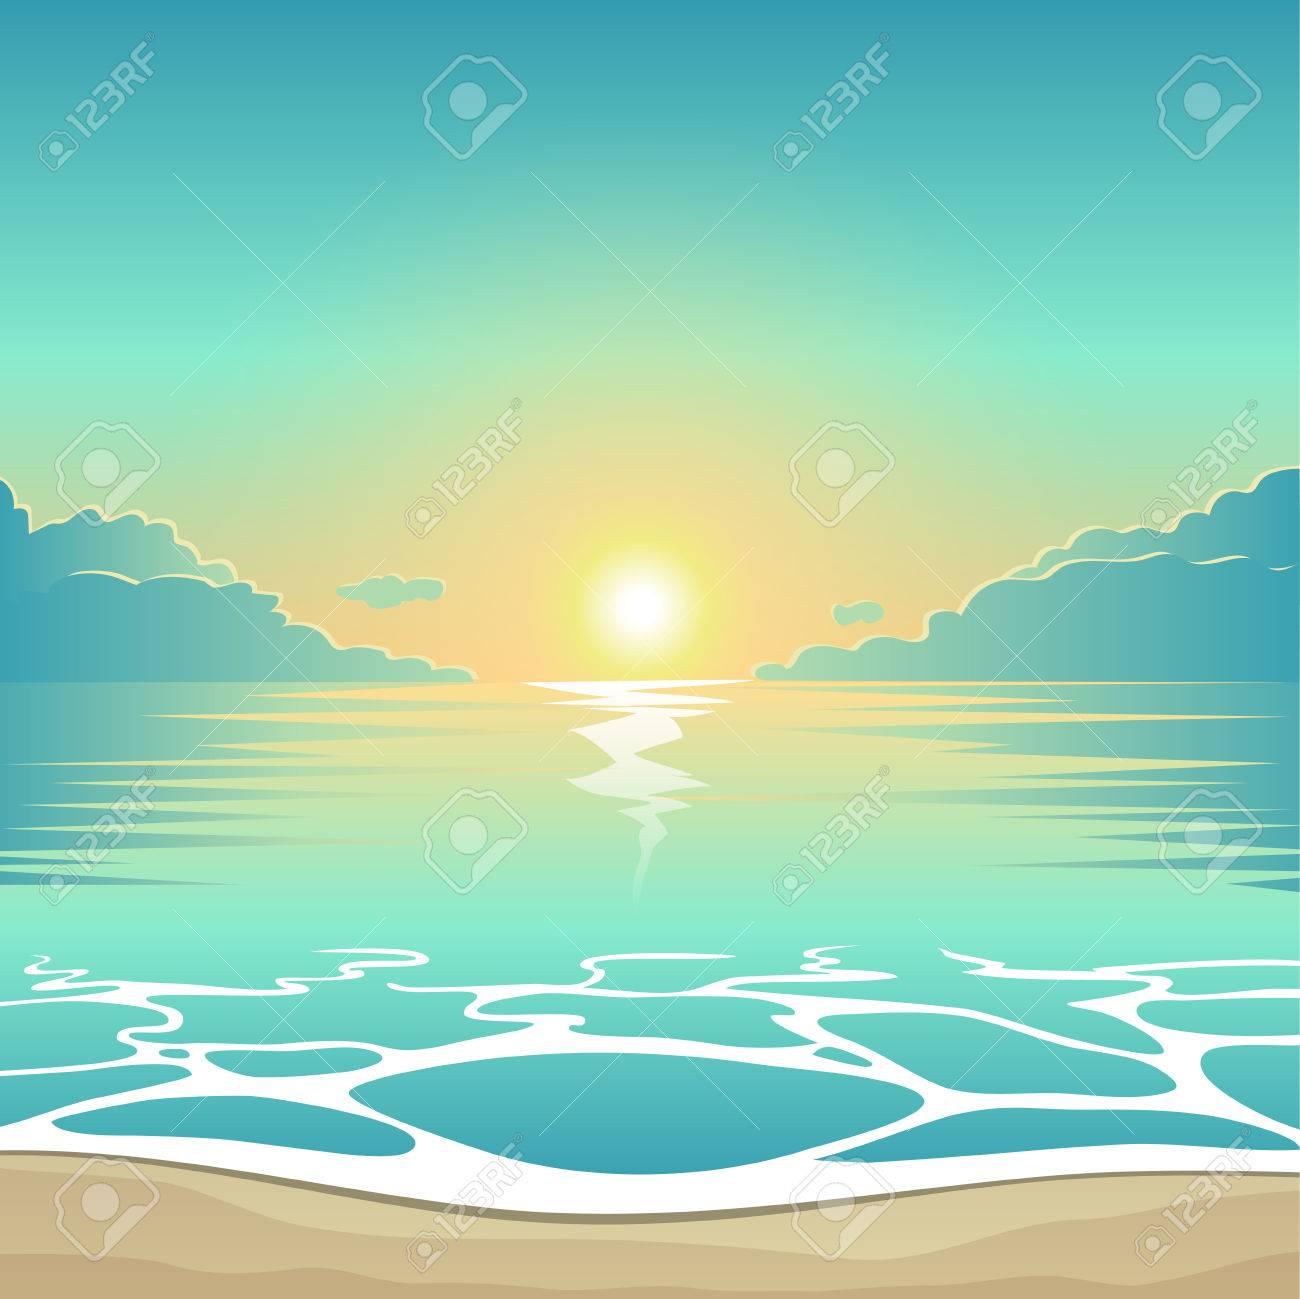 夕暮れの波、雲、シーサイド ビュー ポスター ベクトル夏背景イラスト